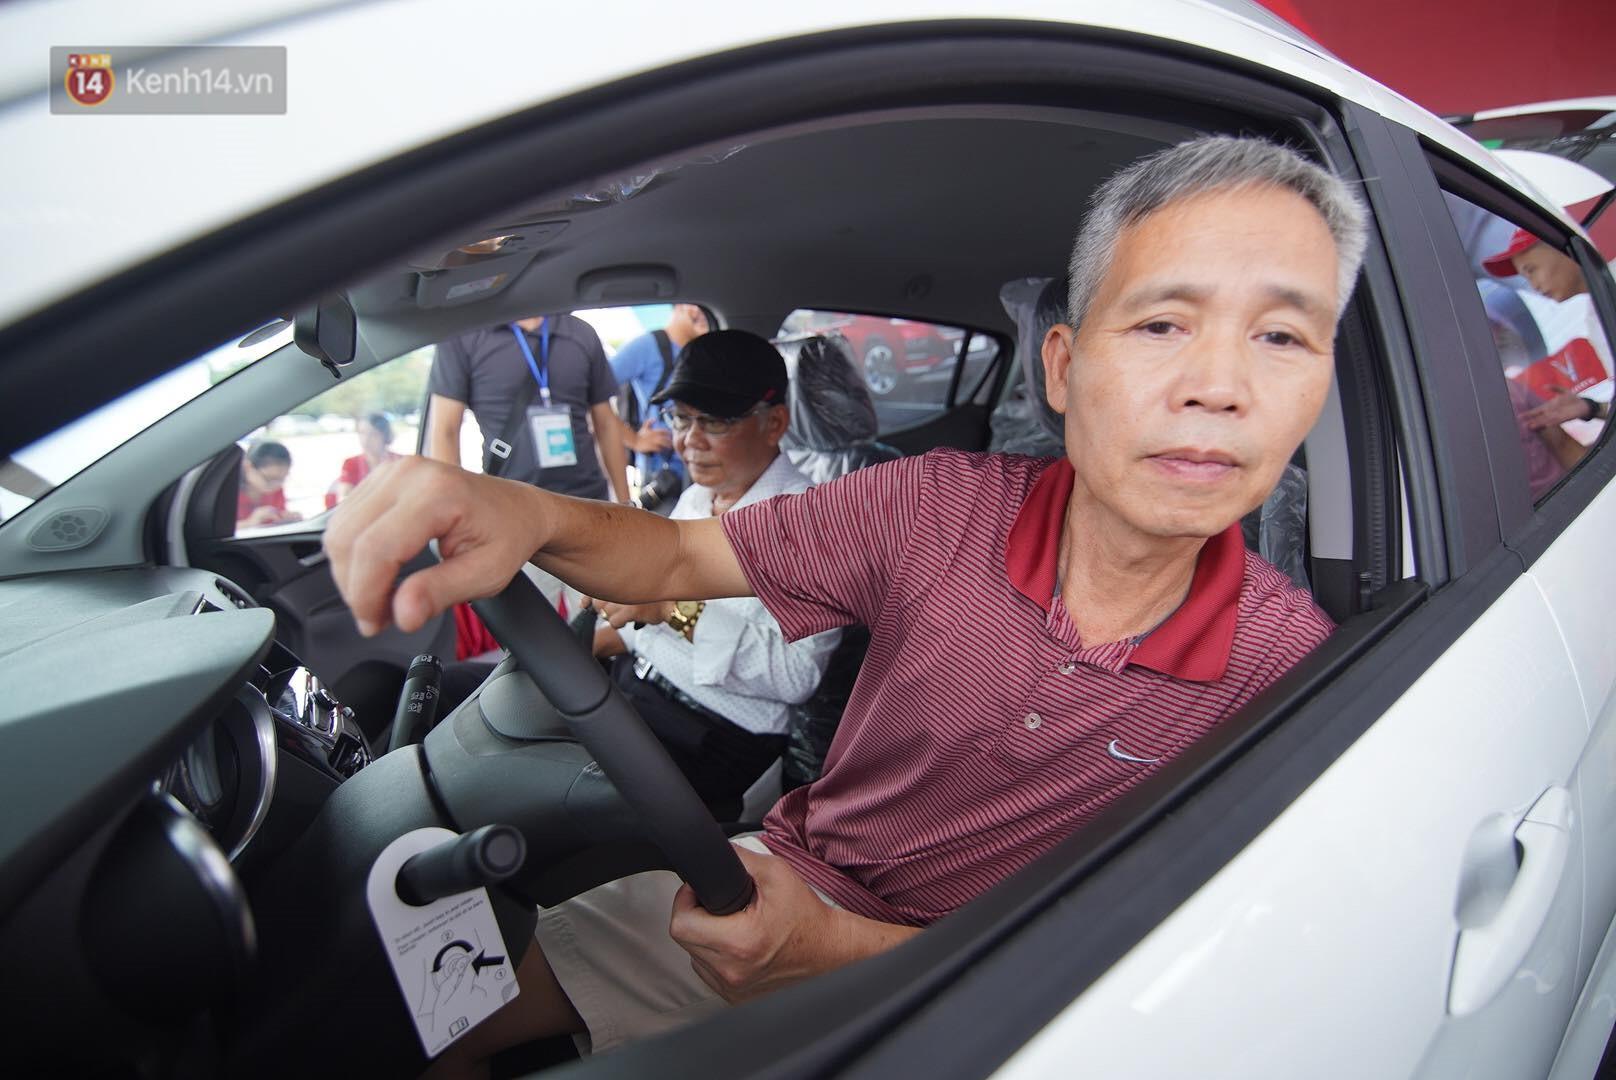 VinFast bàn giao hàng trăm xe ô tô Fadil, khách hàng tự hào: Người Việt dùng hàng Việt! - Ảnh 14.